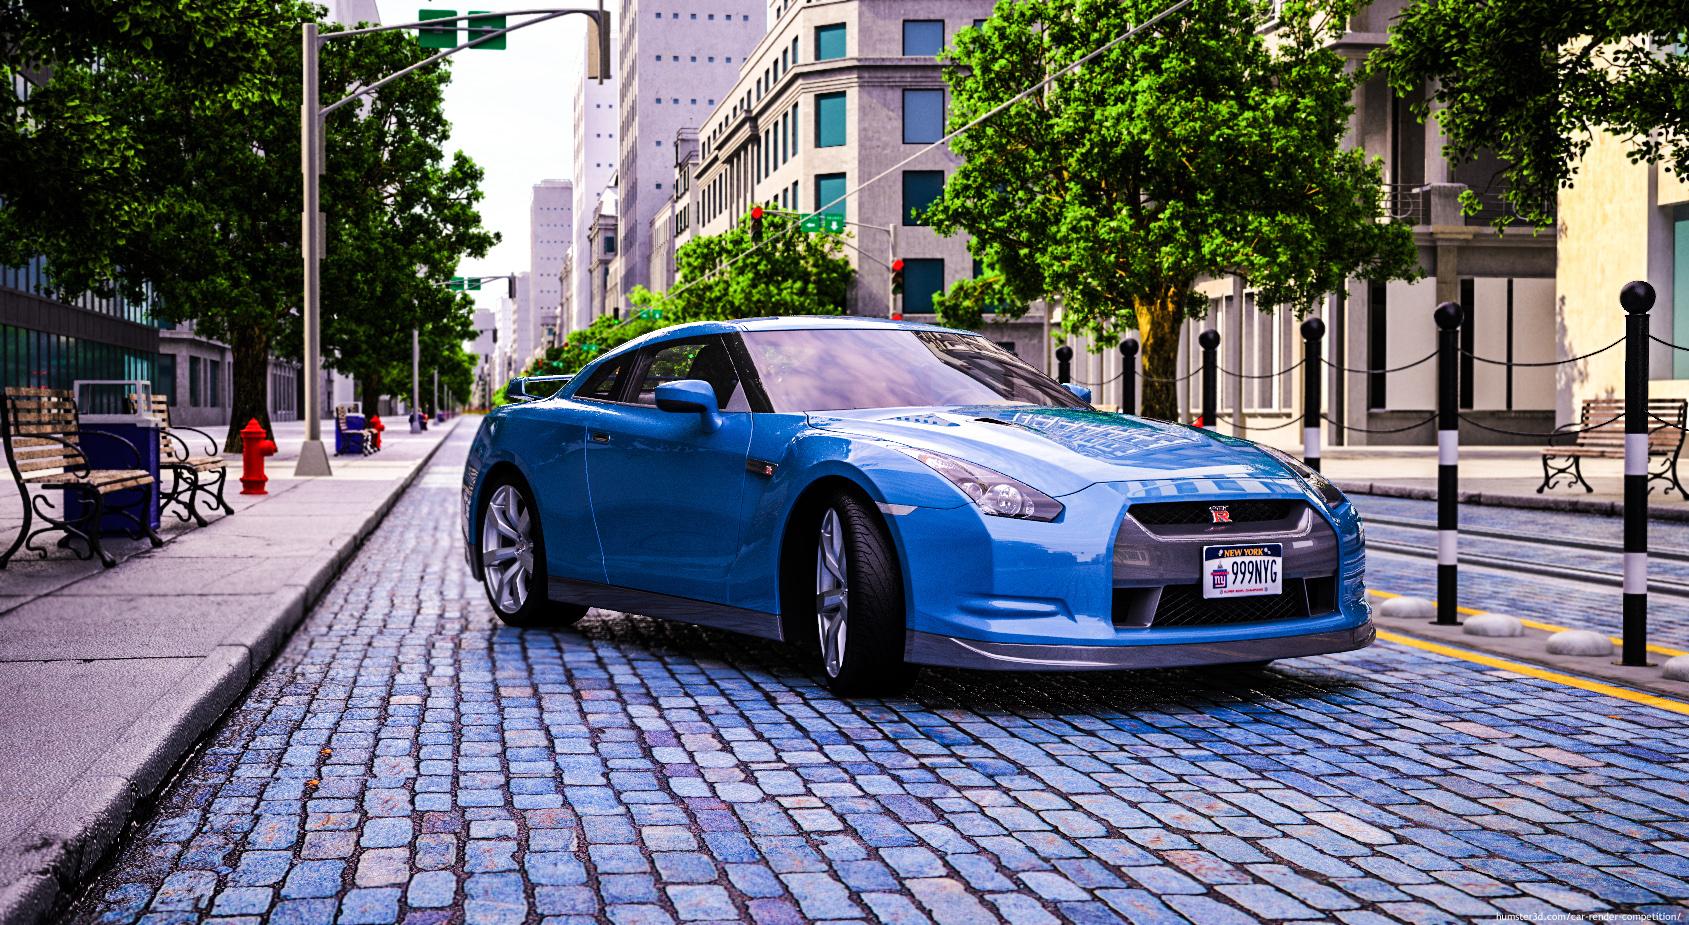 Street Nissan GTR 3d art